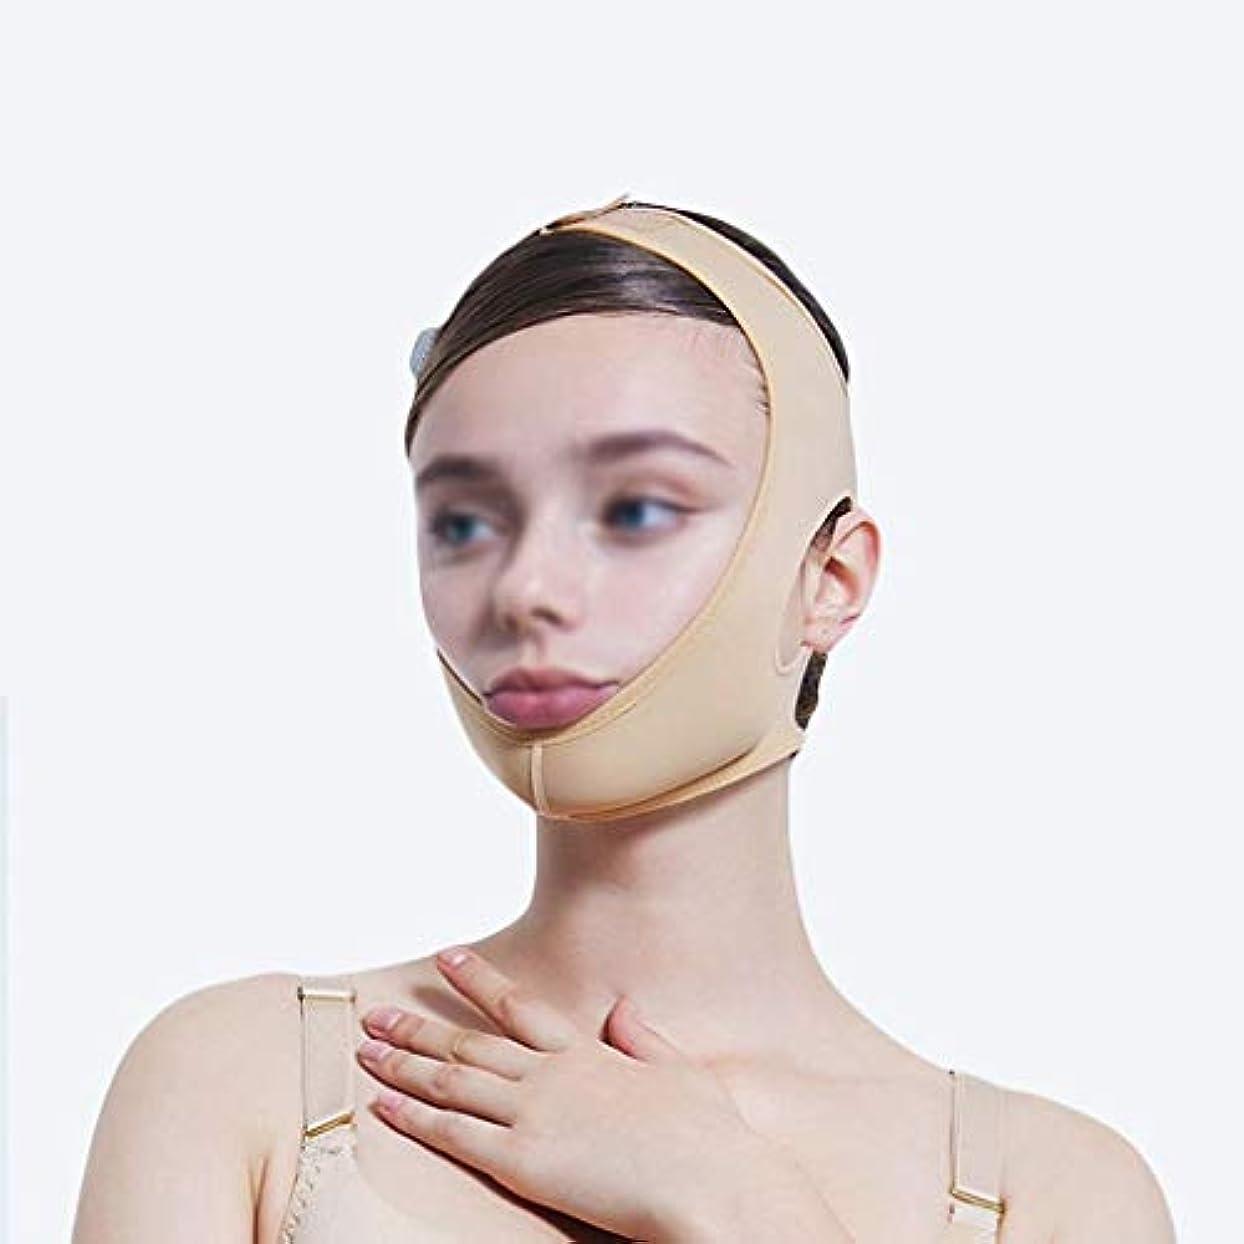 逆に補体認めるフェイシャルライン、頬、しわ防止フェイシャル減量、フェイスバンド、フェイスマスク、フェイスリフティング、通気性、ダブルチンストラップ(サイズ:XXL),M